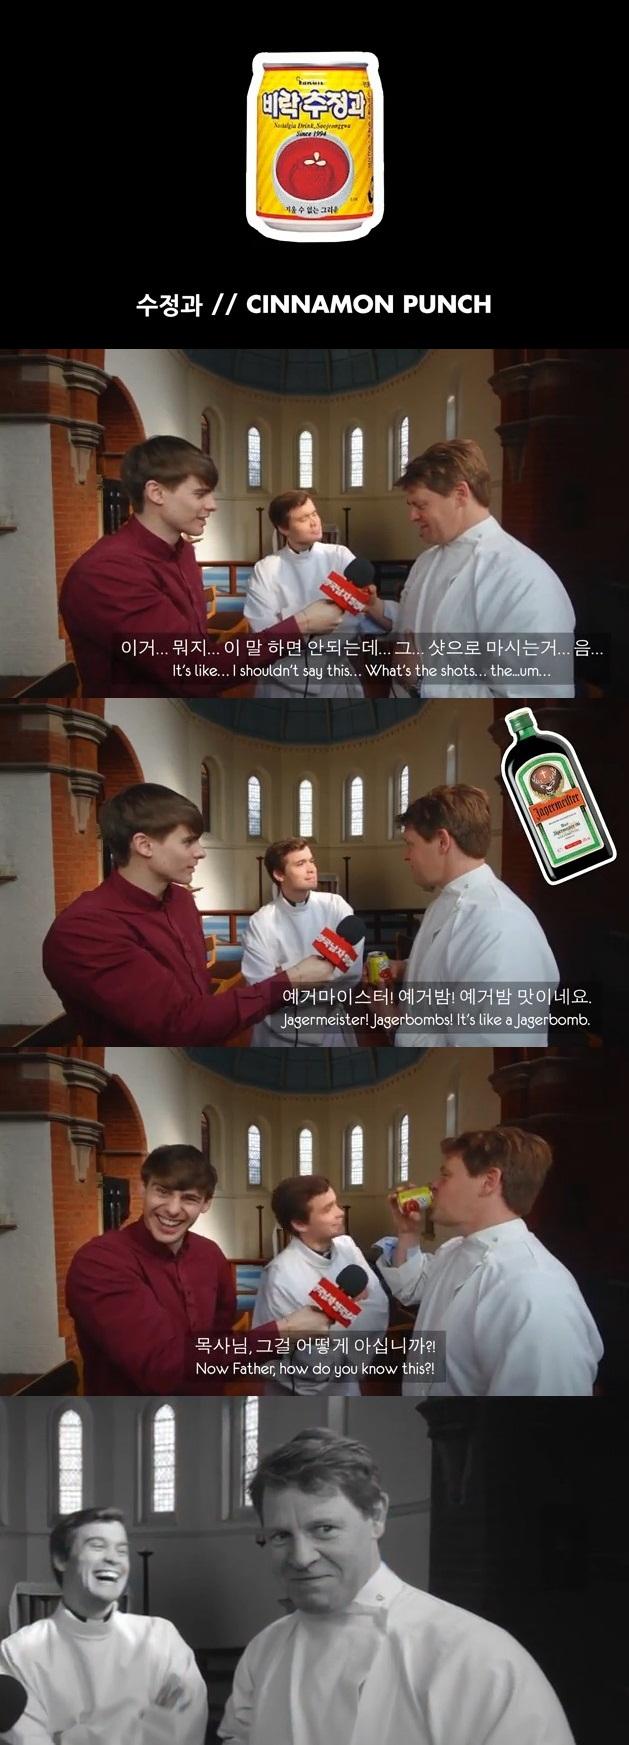 수정과를 먹어본 목사님의 반응